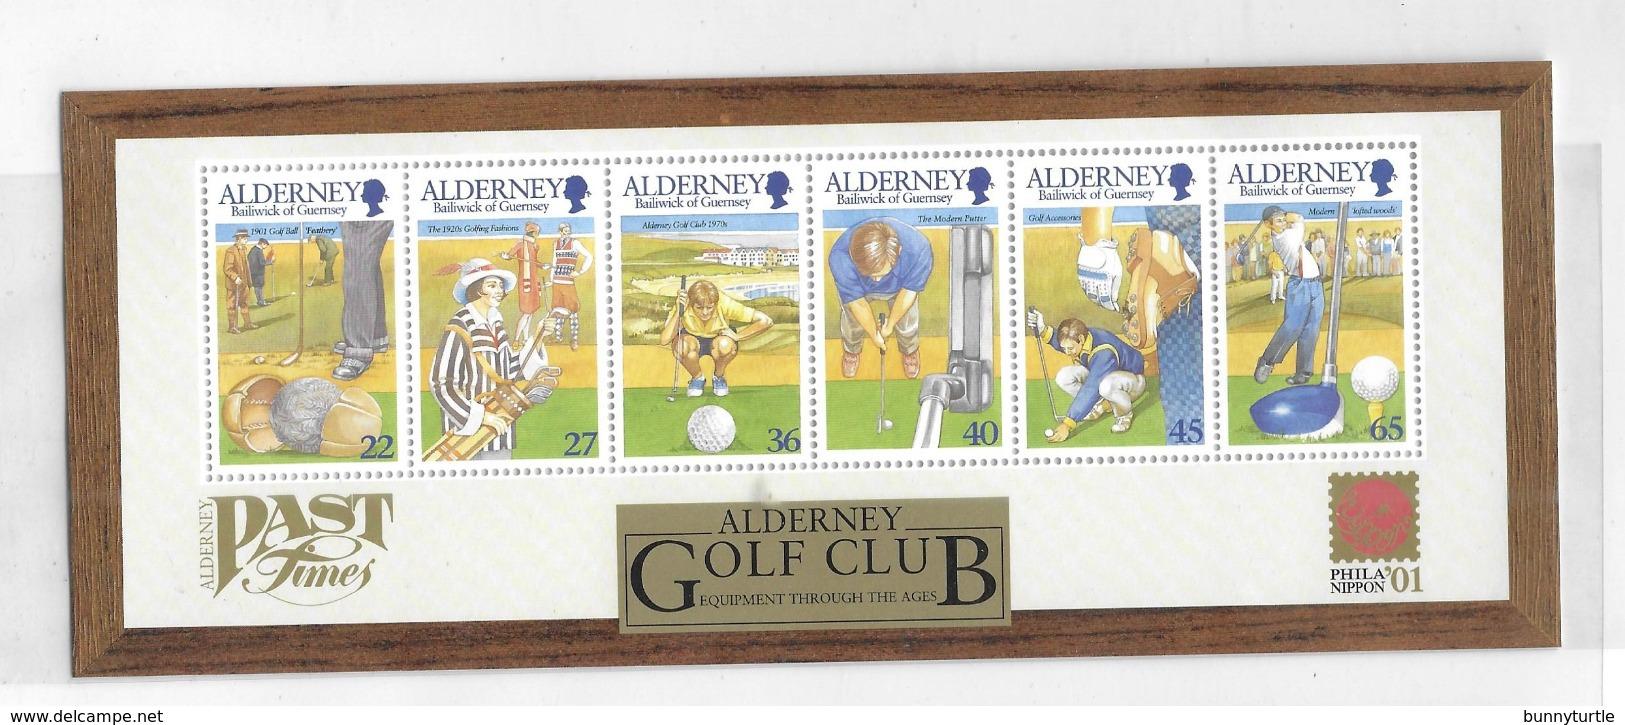 Alderney 2001 Alderney Golf Club Sheet MNH - Alderney